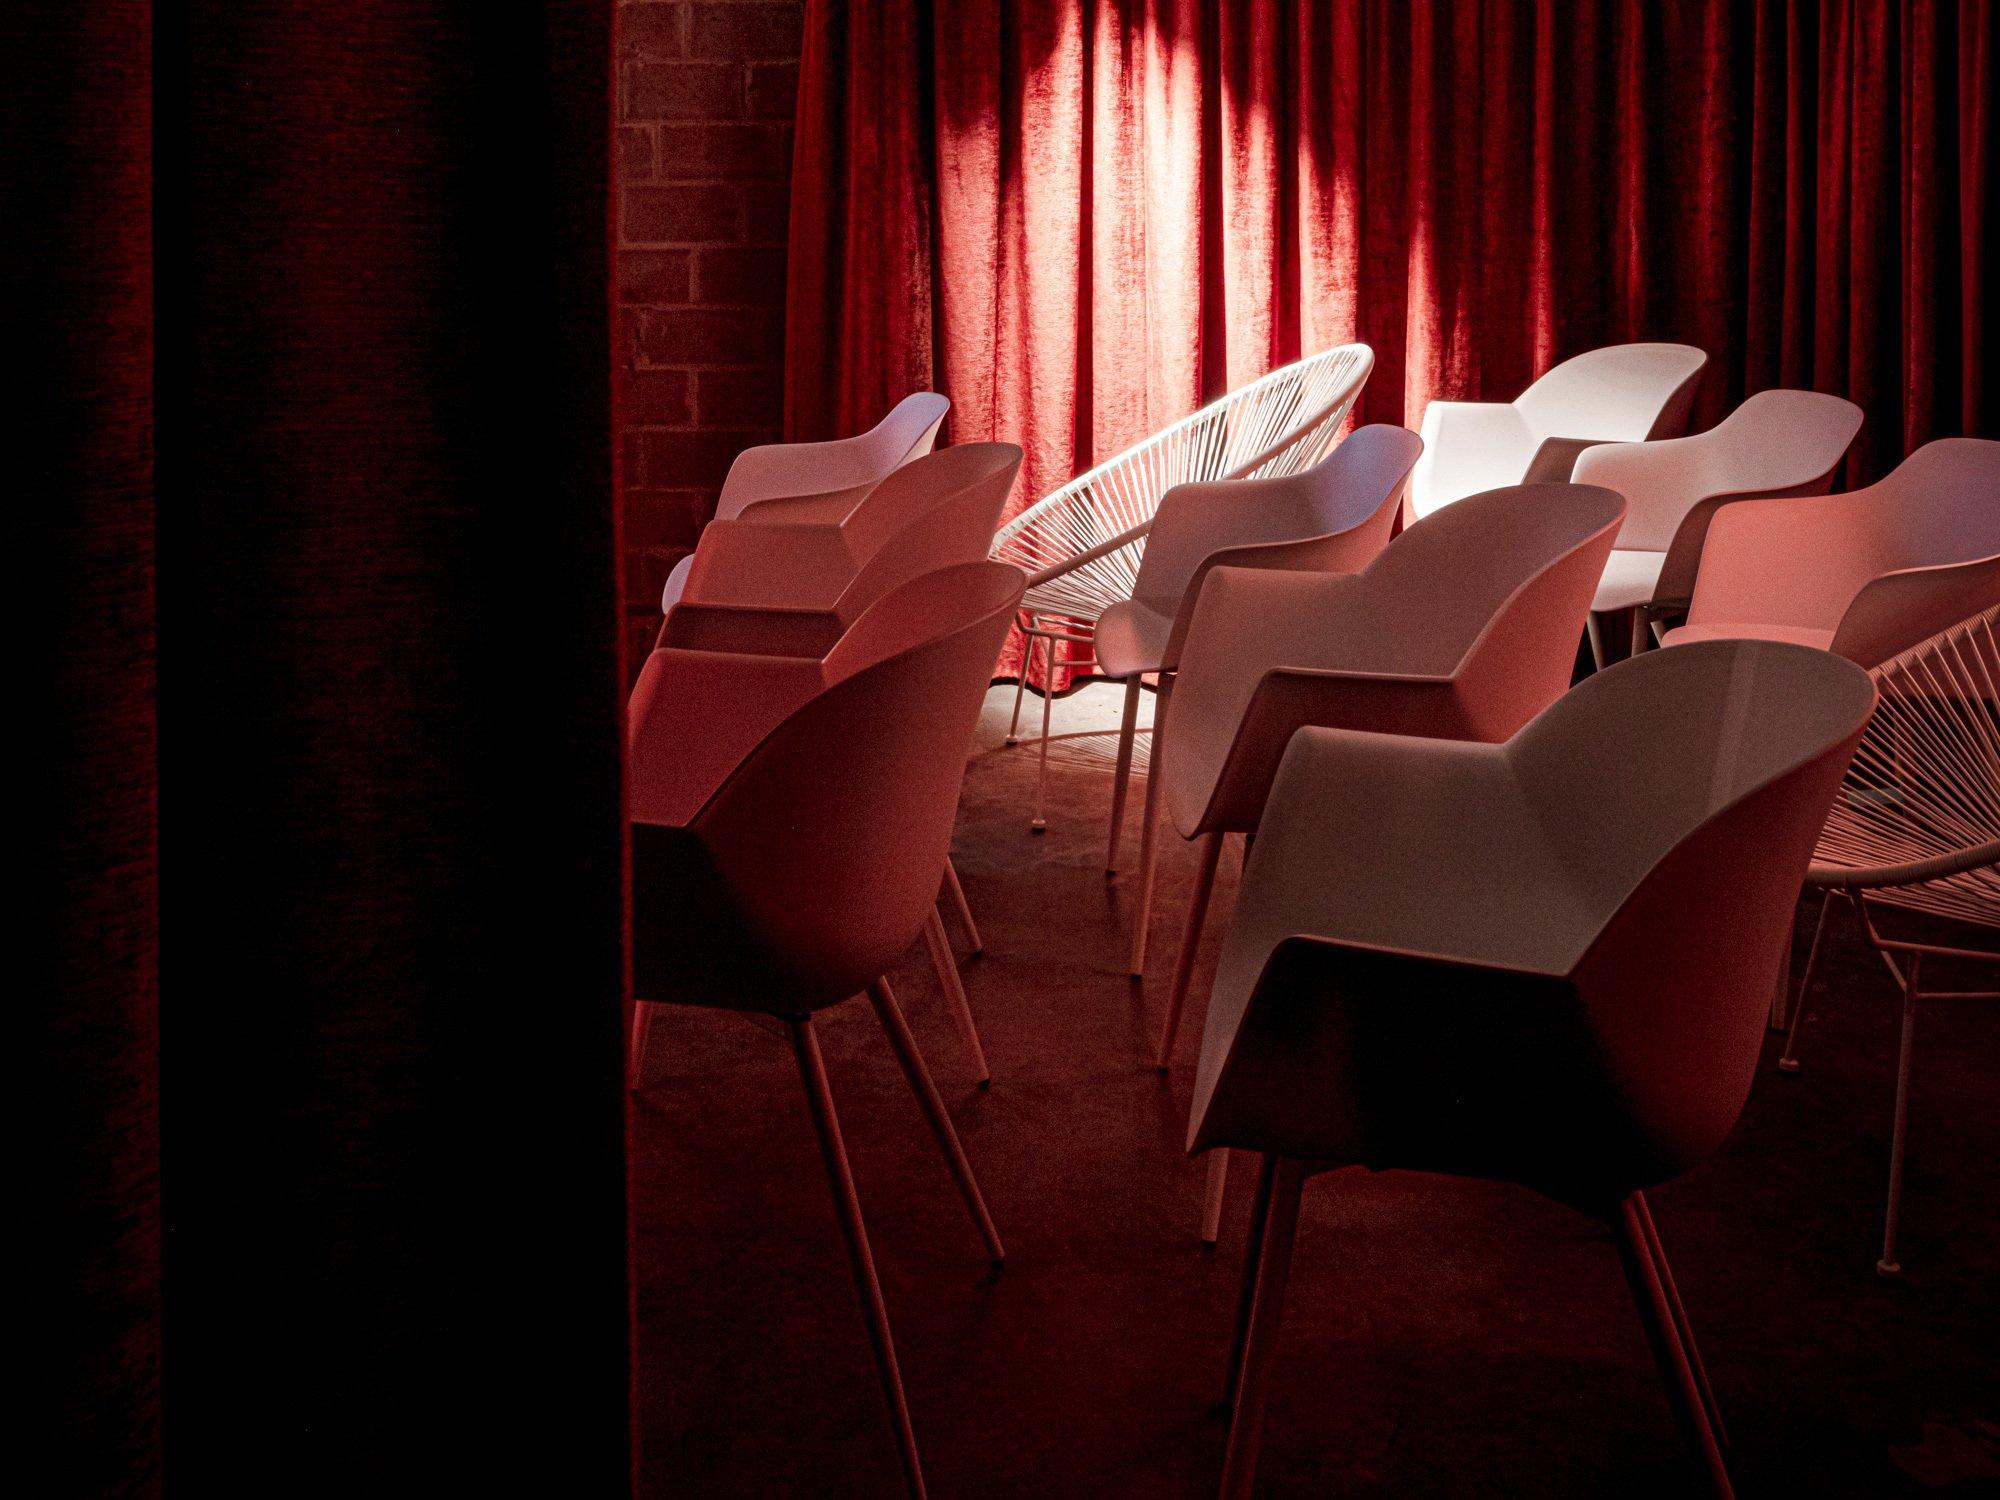 Was ist besser als Kino? Richtig, ein Heimkino! Mit Projektor statt Bildschirm, roten Samtvorhängen und einer eigenen Bar – genau wie in den Villen der Hollywood-Produzenten der Zwanzigerjahre.